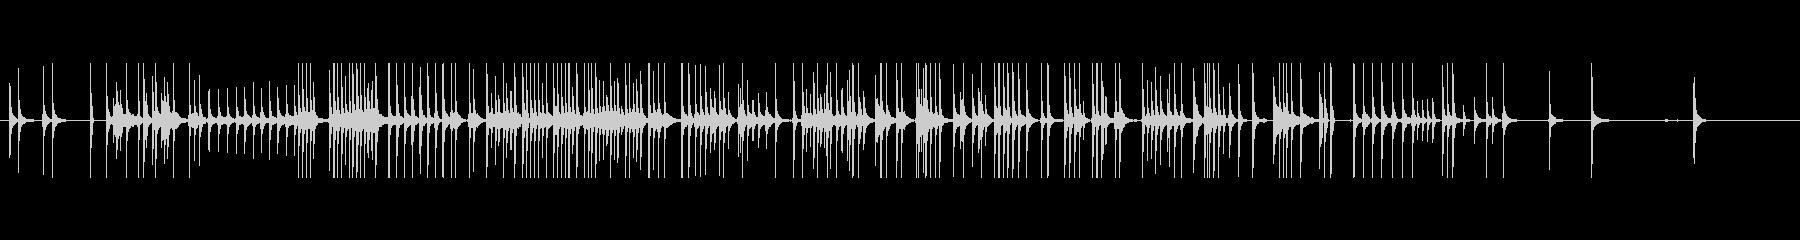 三味線235外記猿9小猿おさるさんサル投の未再生の波形